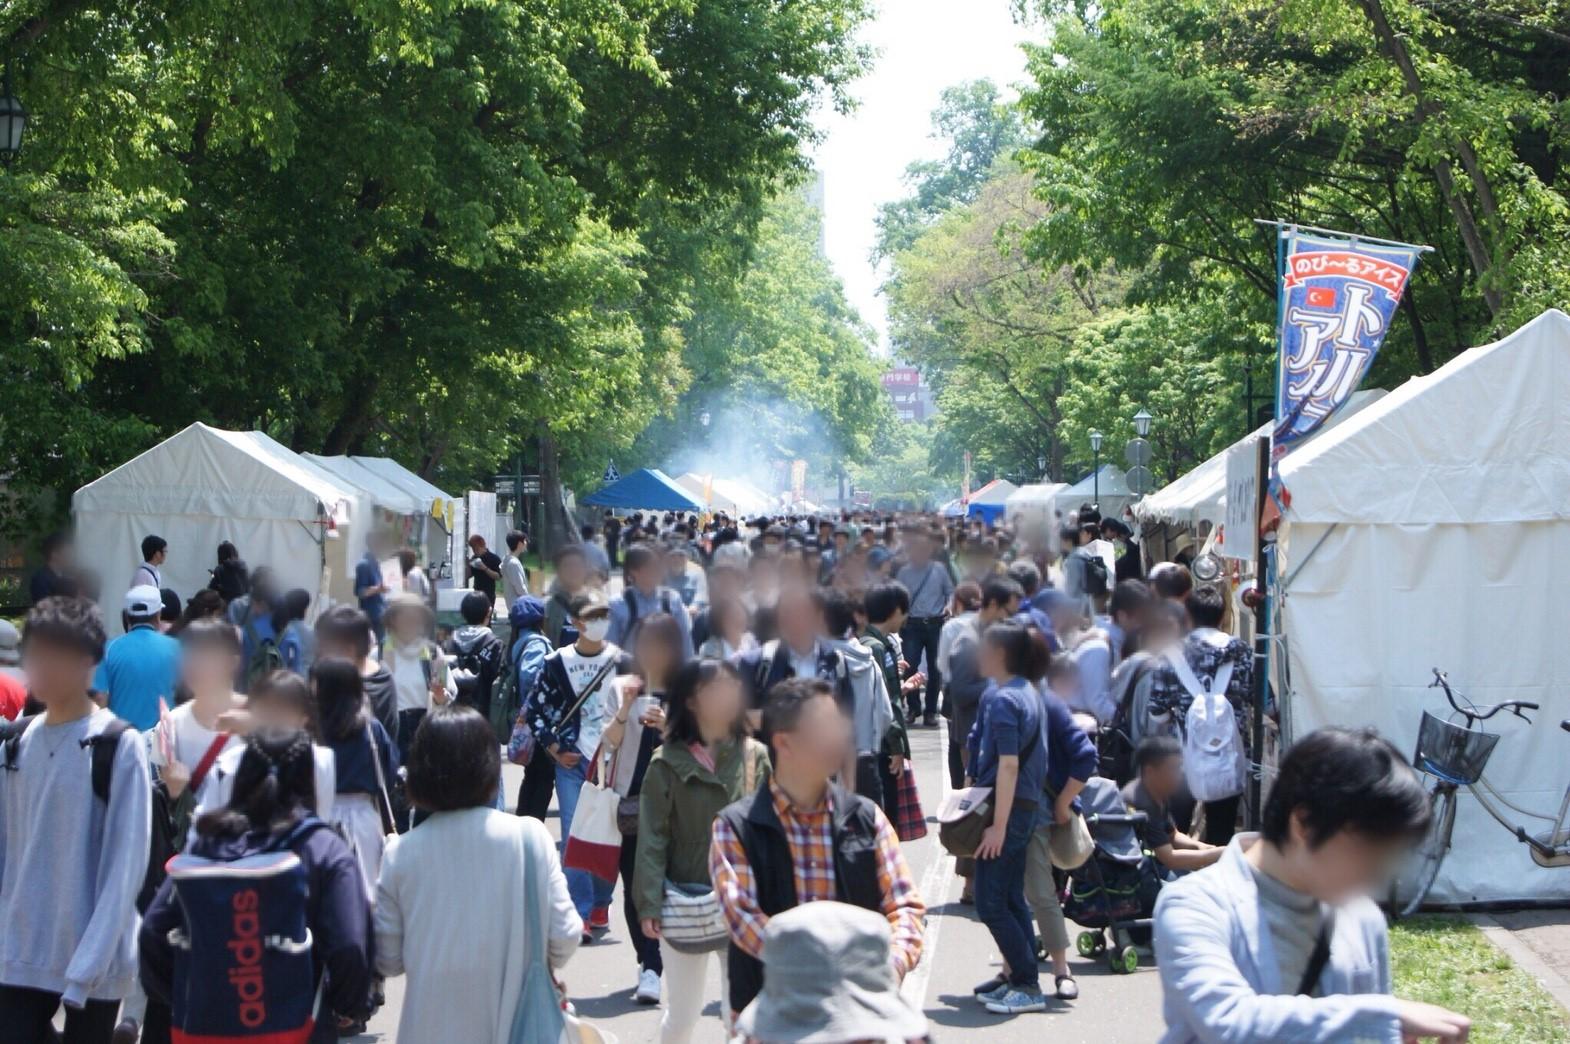 第60回北大祭開催 3日間9万人が来場